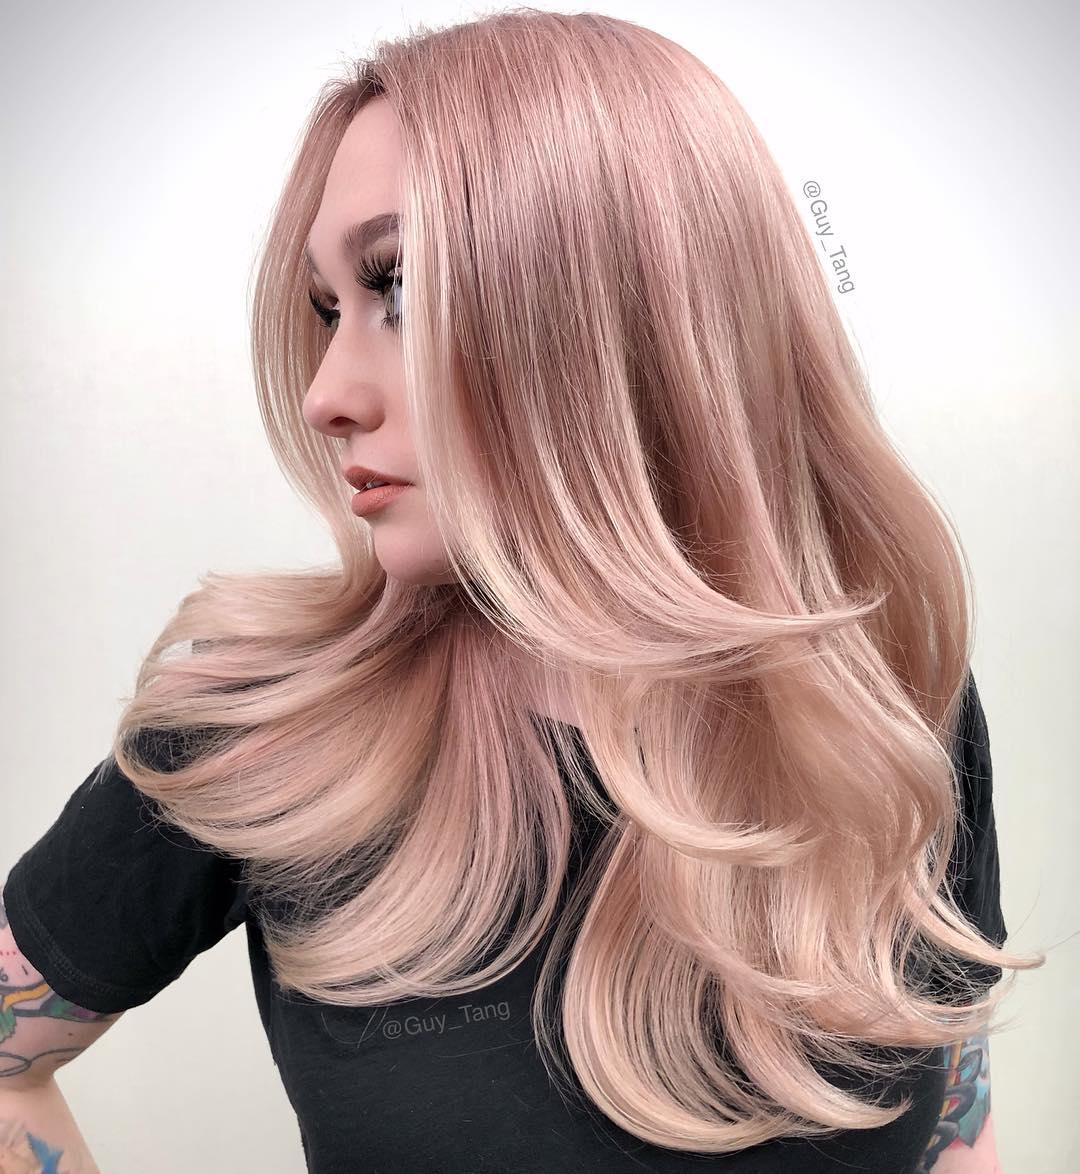 Топ-13 красок для седых волос — лучшие средства для борьбы с сединой